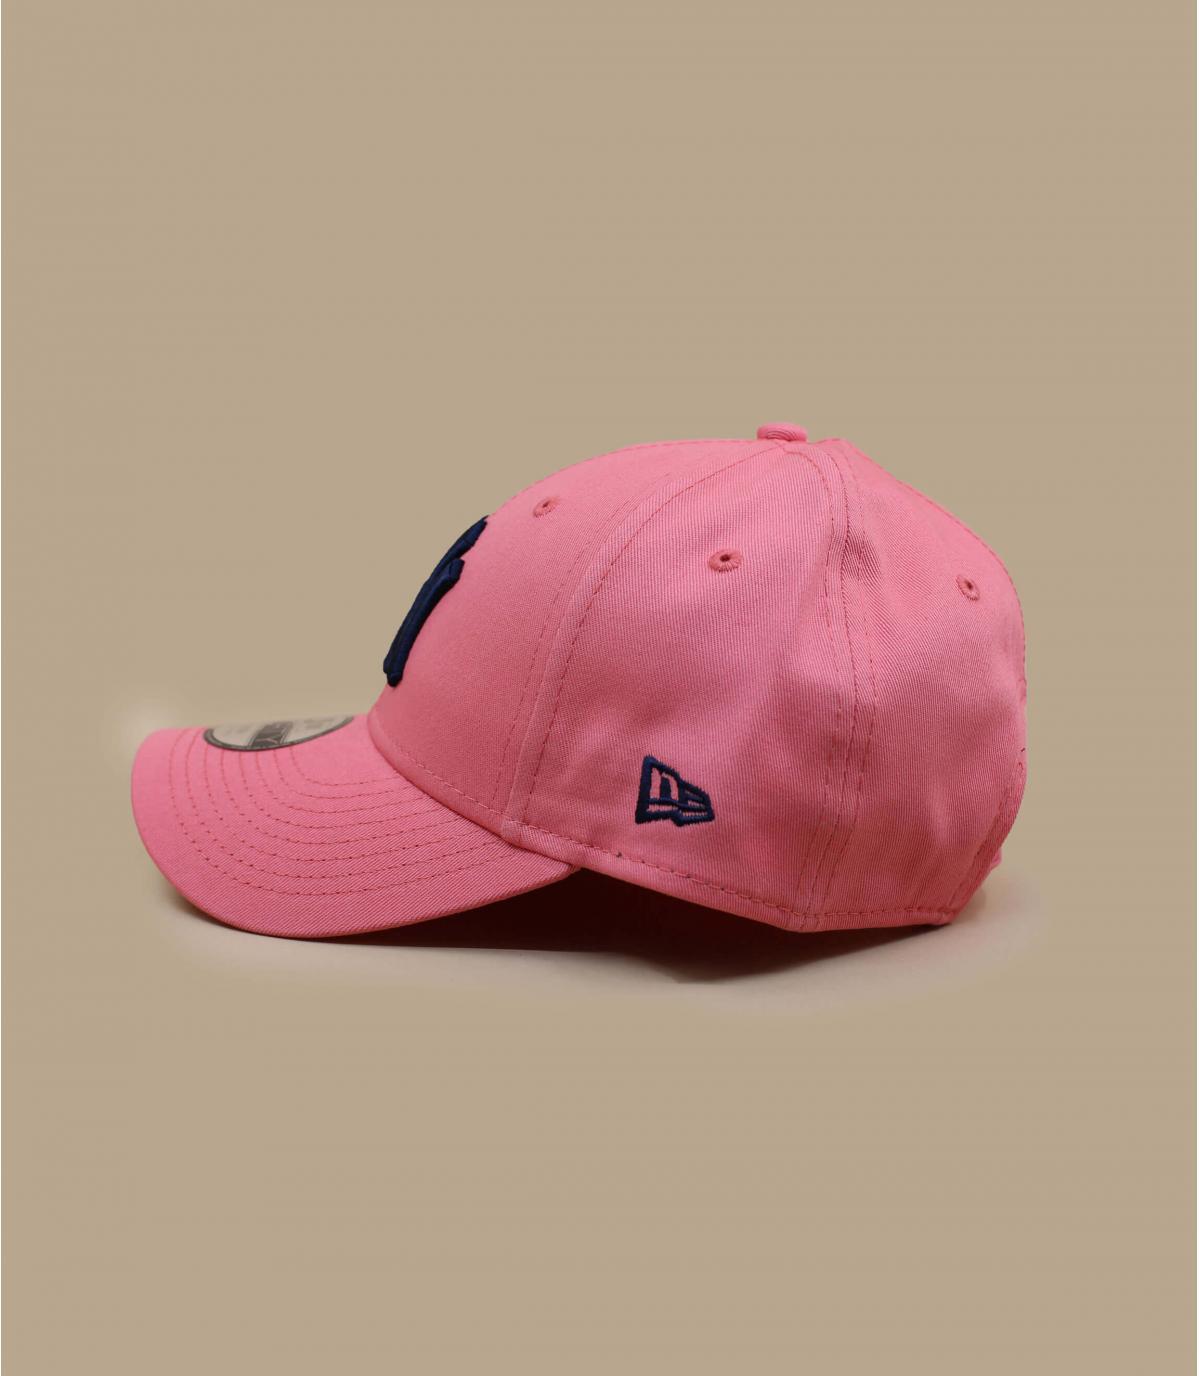 Détails Casquette Kids League Ess NY 940 pink navy - image 2